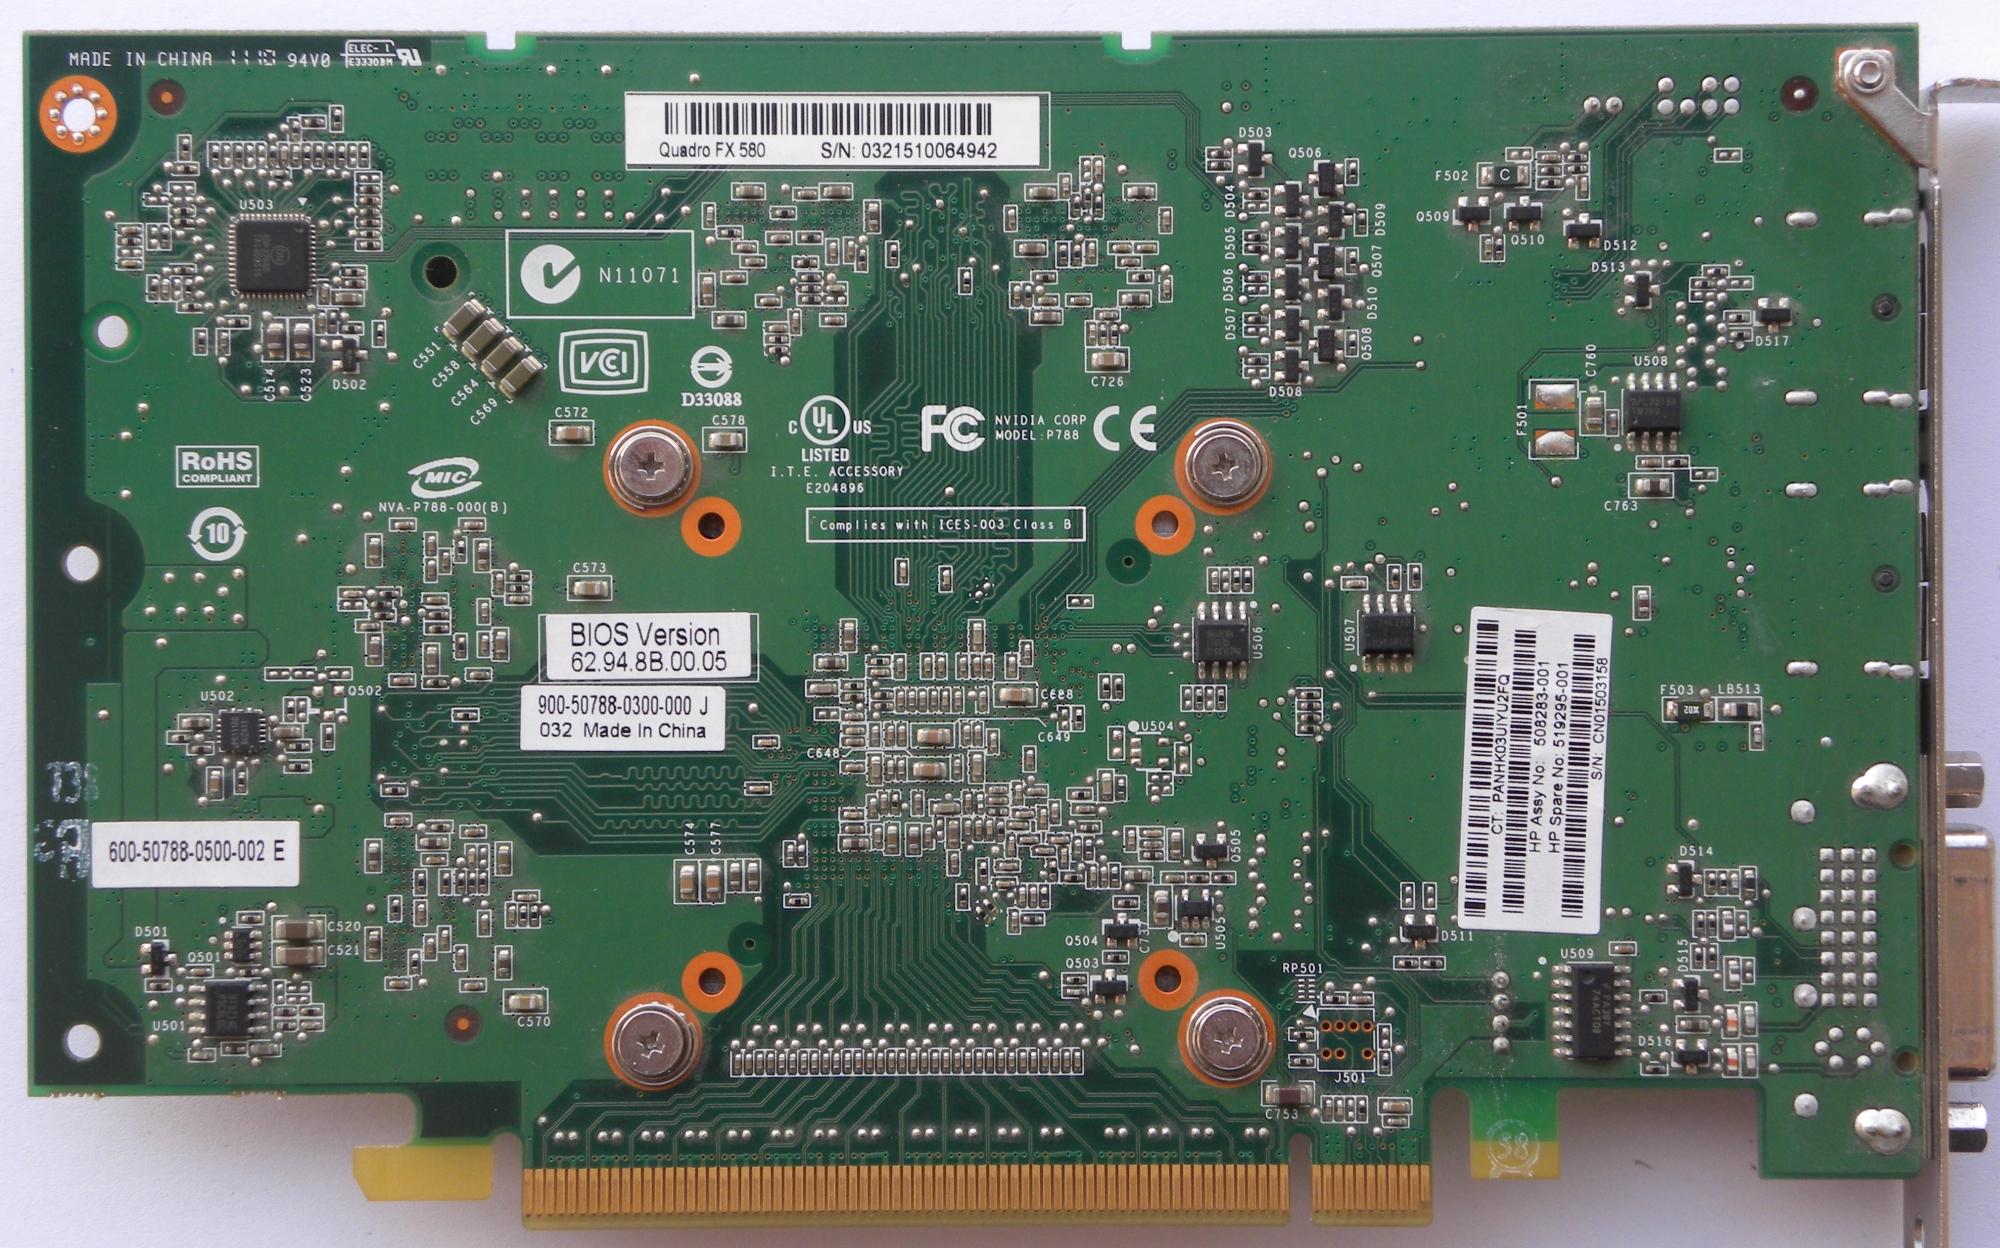 VGA Legacy MKIII - NVIDIA Quadro FX 580